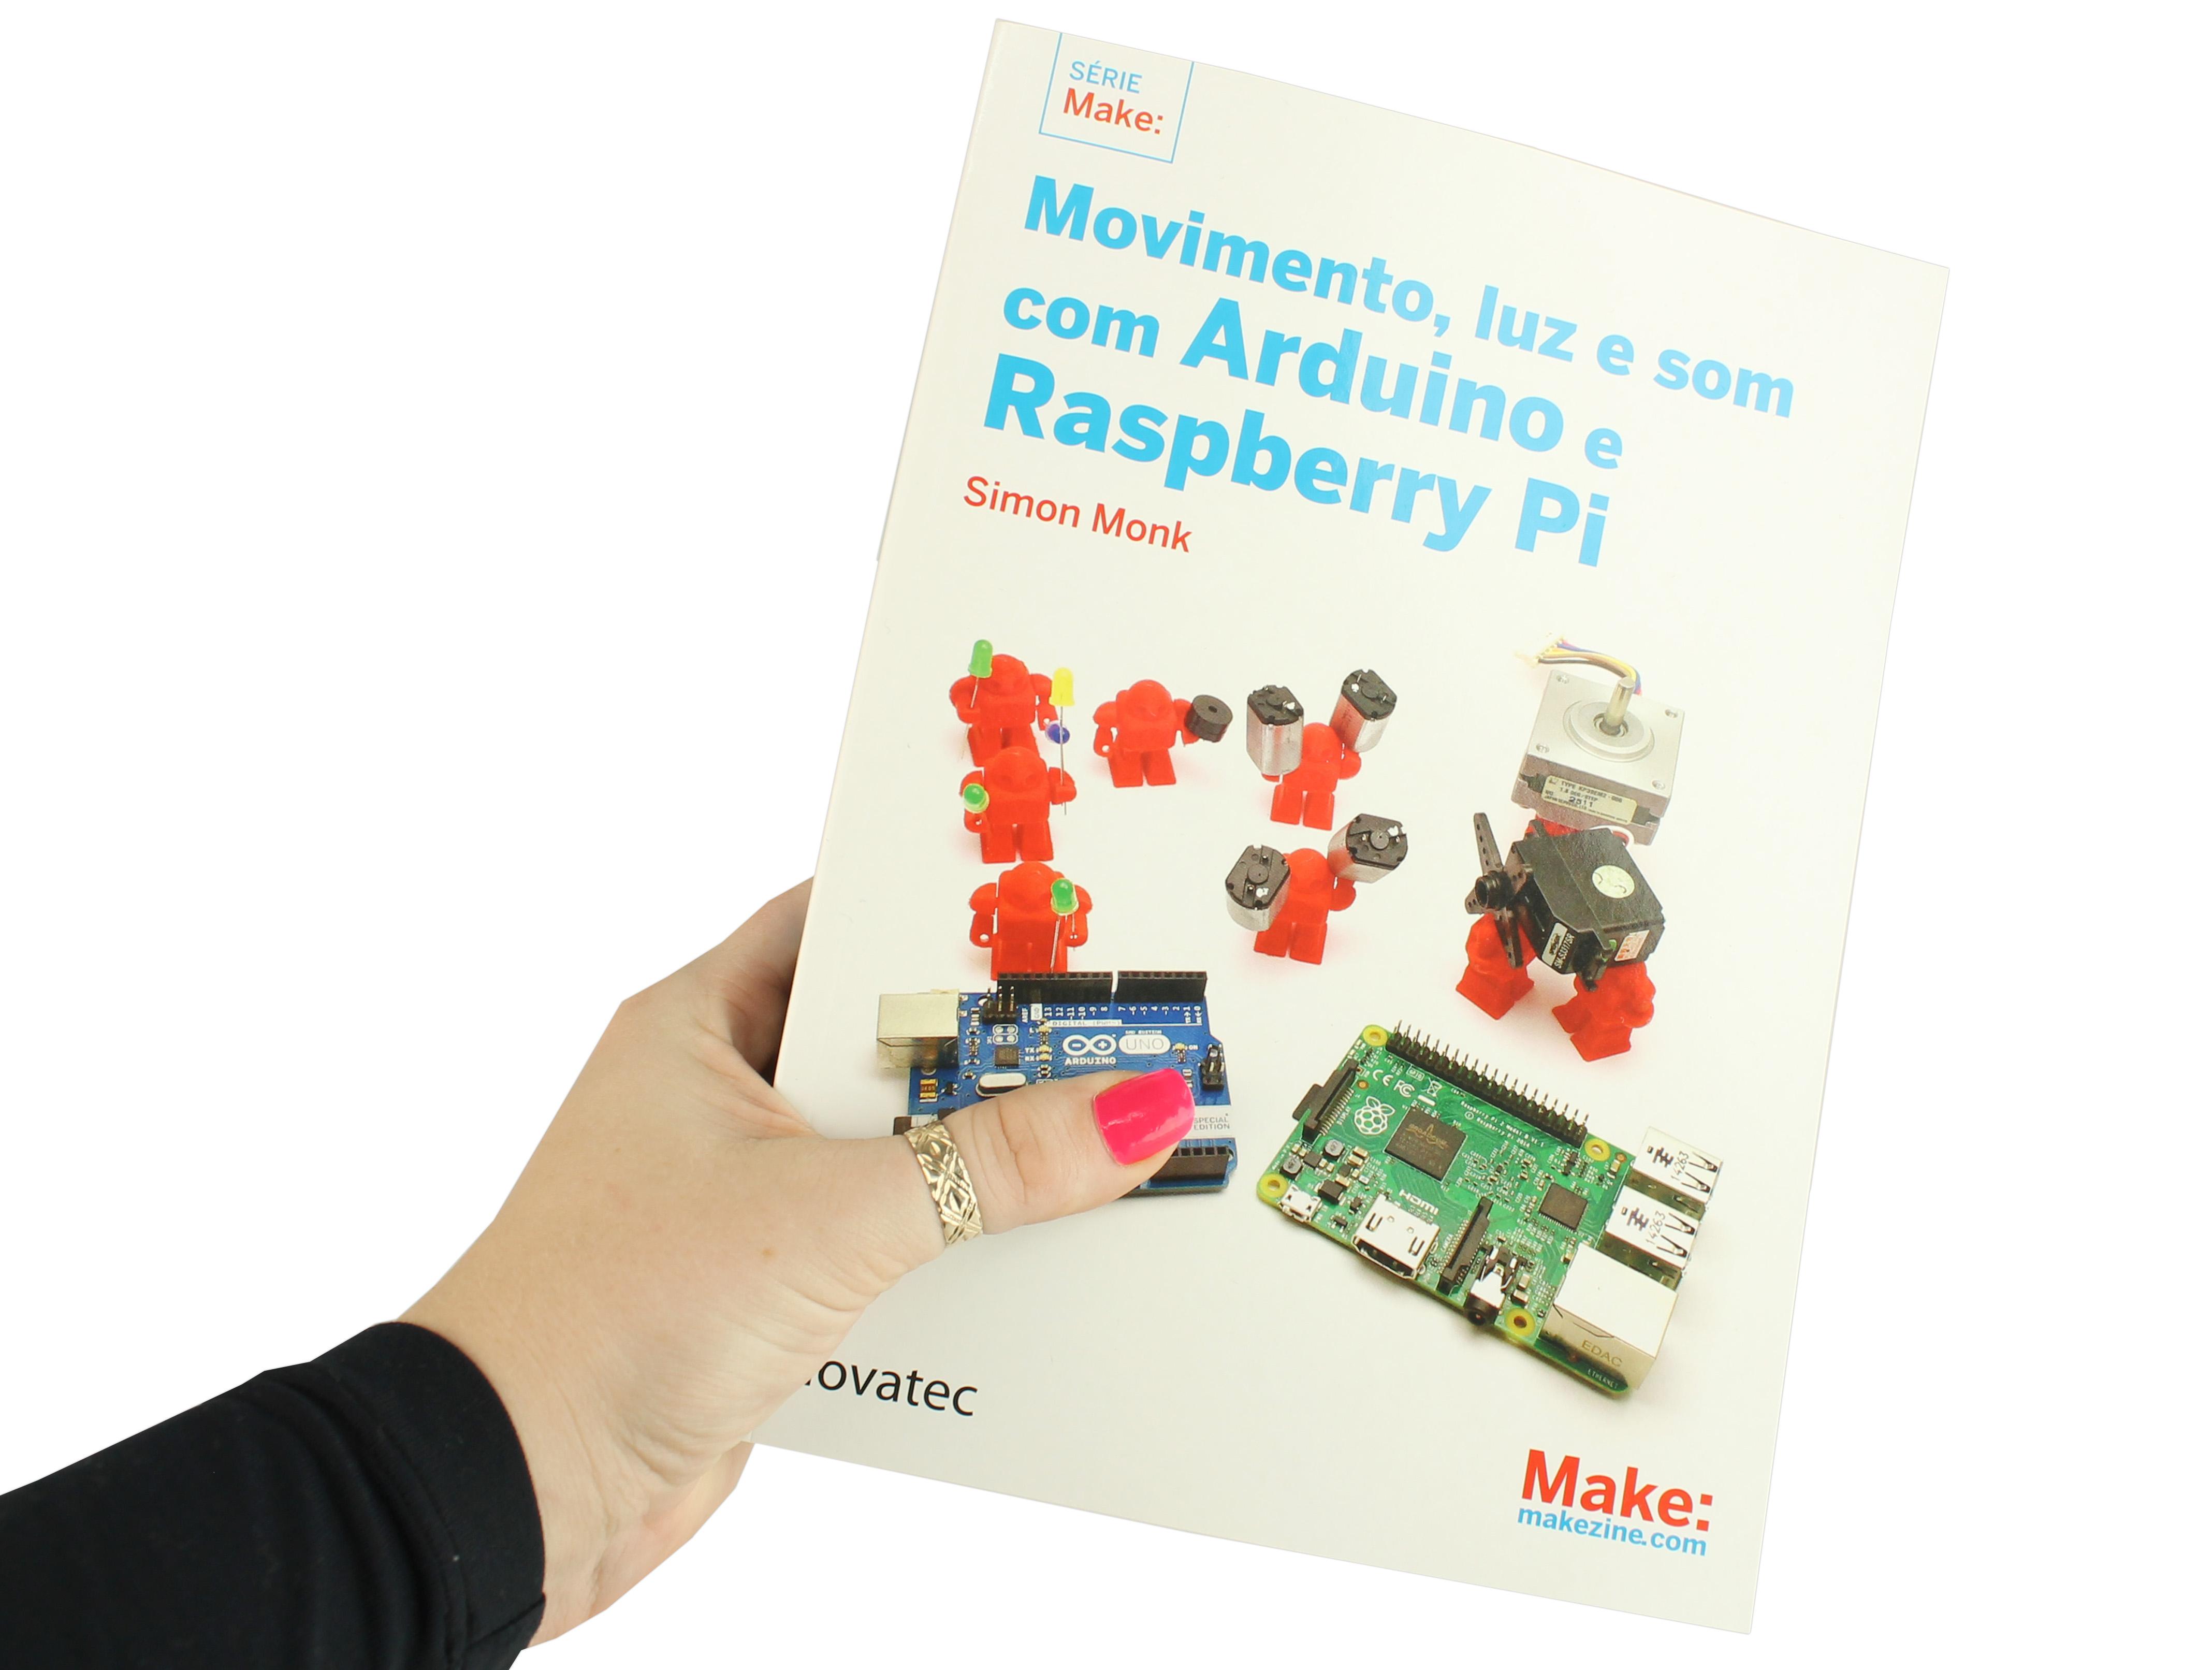 Livro Arduino - Movimento, Luz e Som com Arduino e Raspberry Pi